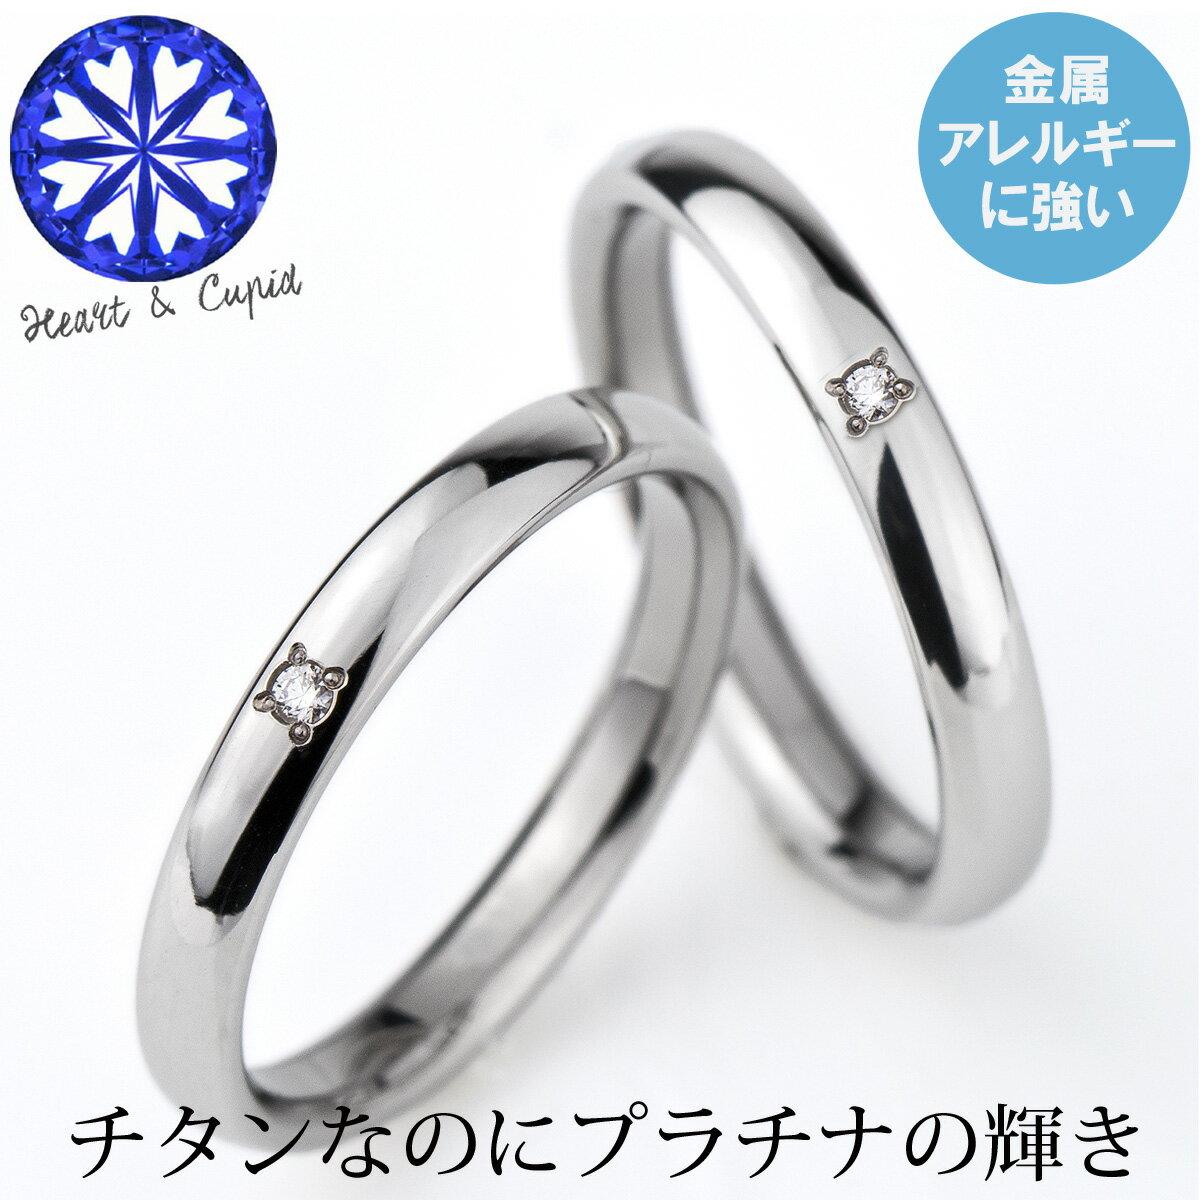 チタン 結婚指輪 マリッジリング プラチナ イオンプレーティング加工 日本製 鏡面仕上げ ペアリング ダイヤモンド付き ペアセット 刻印無料(文字彫り) 金属アレルギーにも強い アレルギーフリー 安心 ブライダルリング 刻印可能 純チタン ハート&キューピット